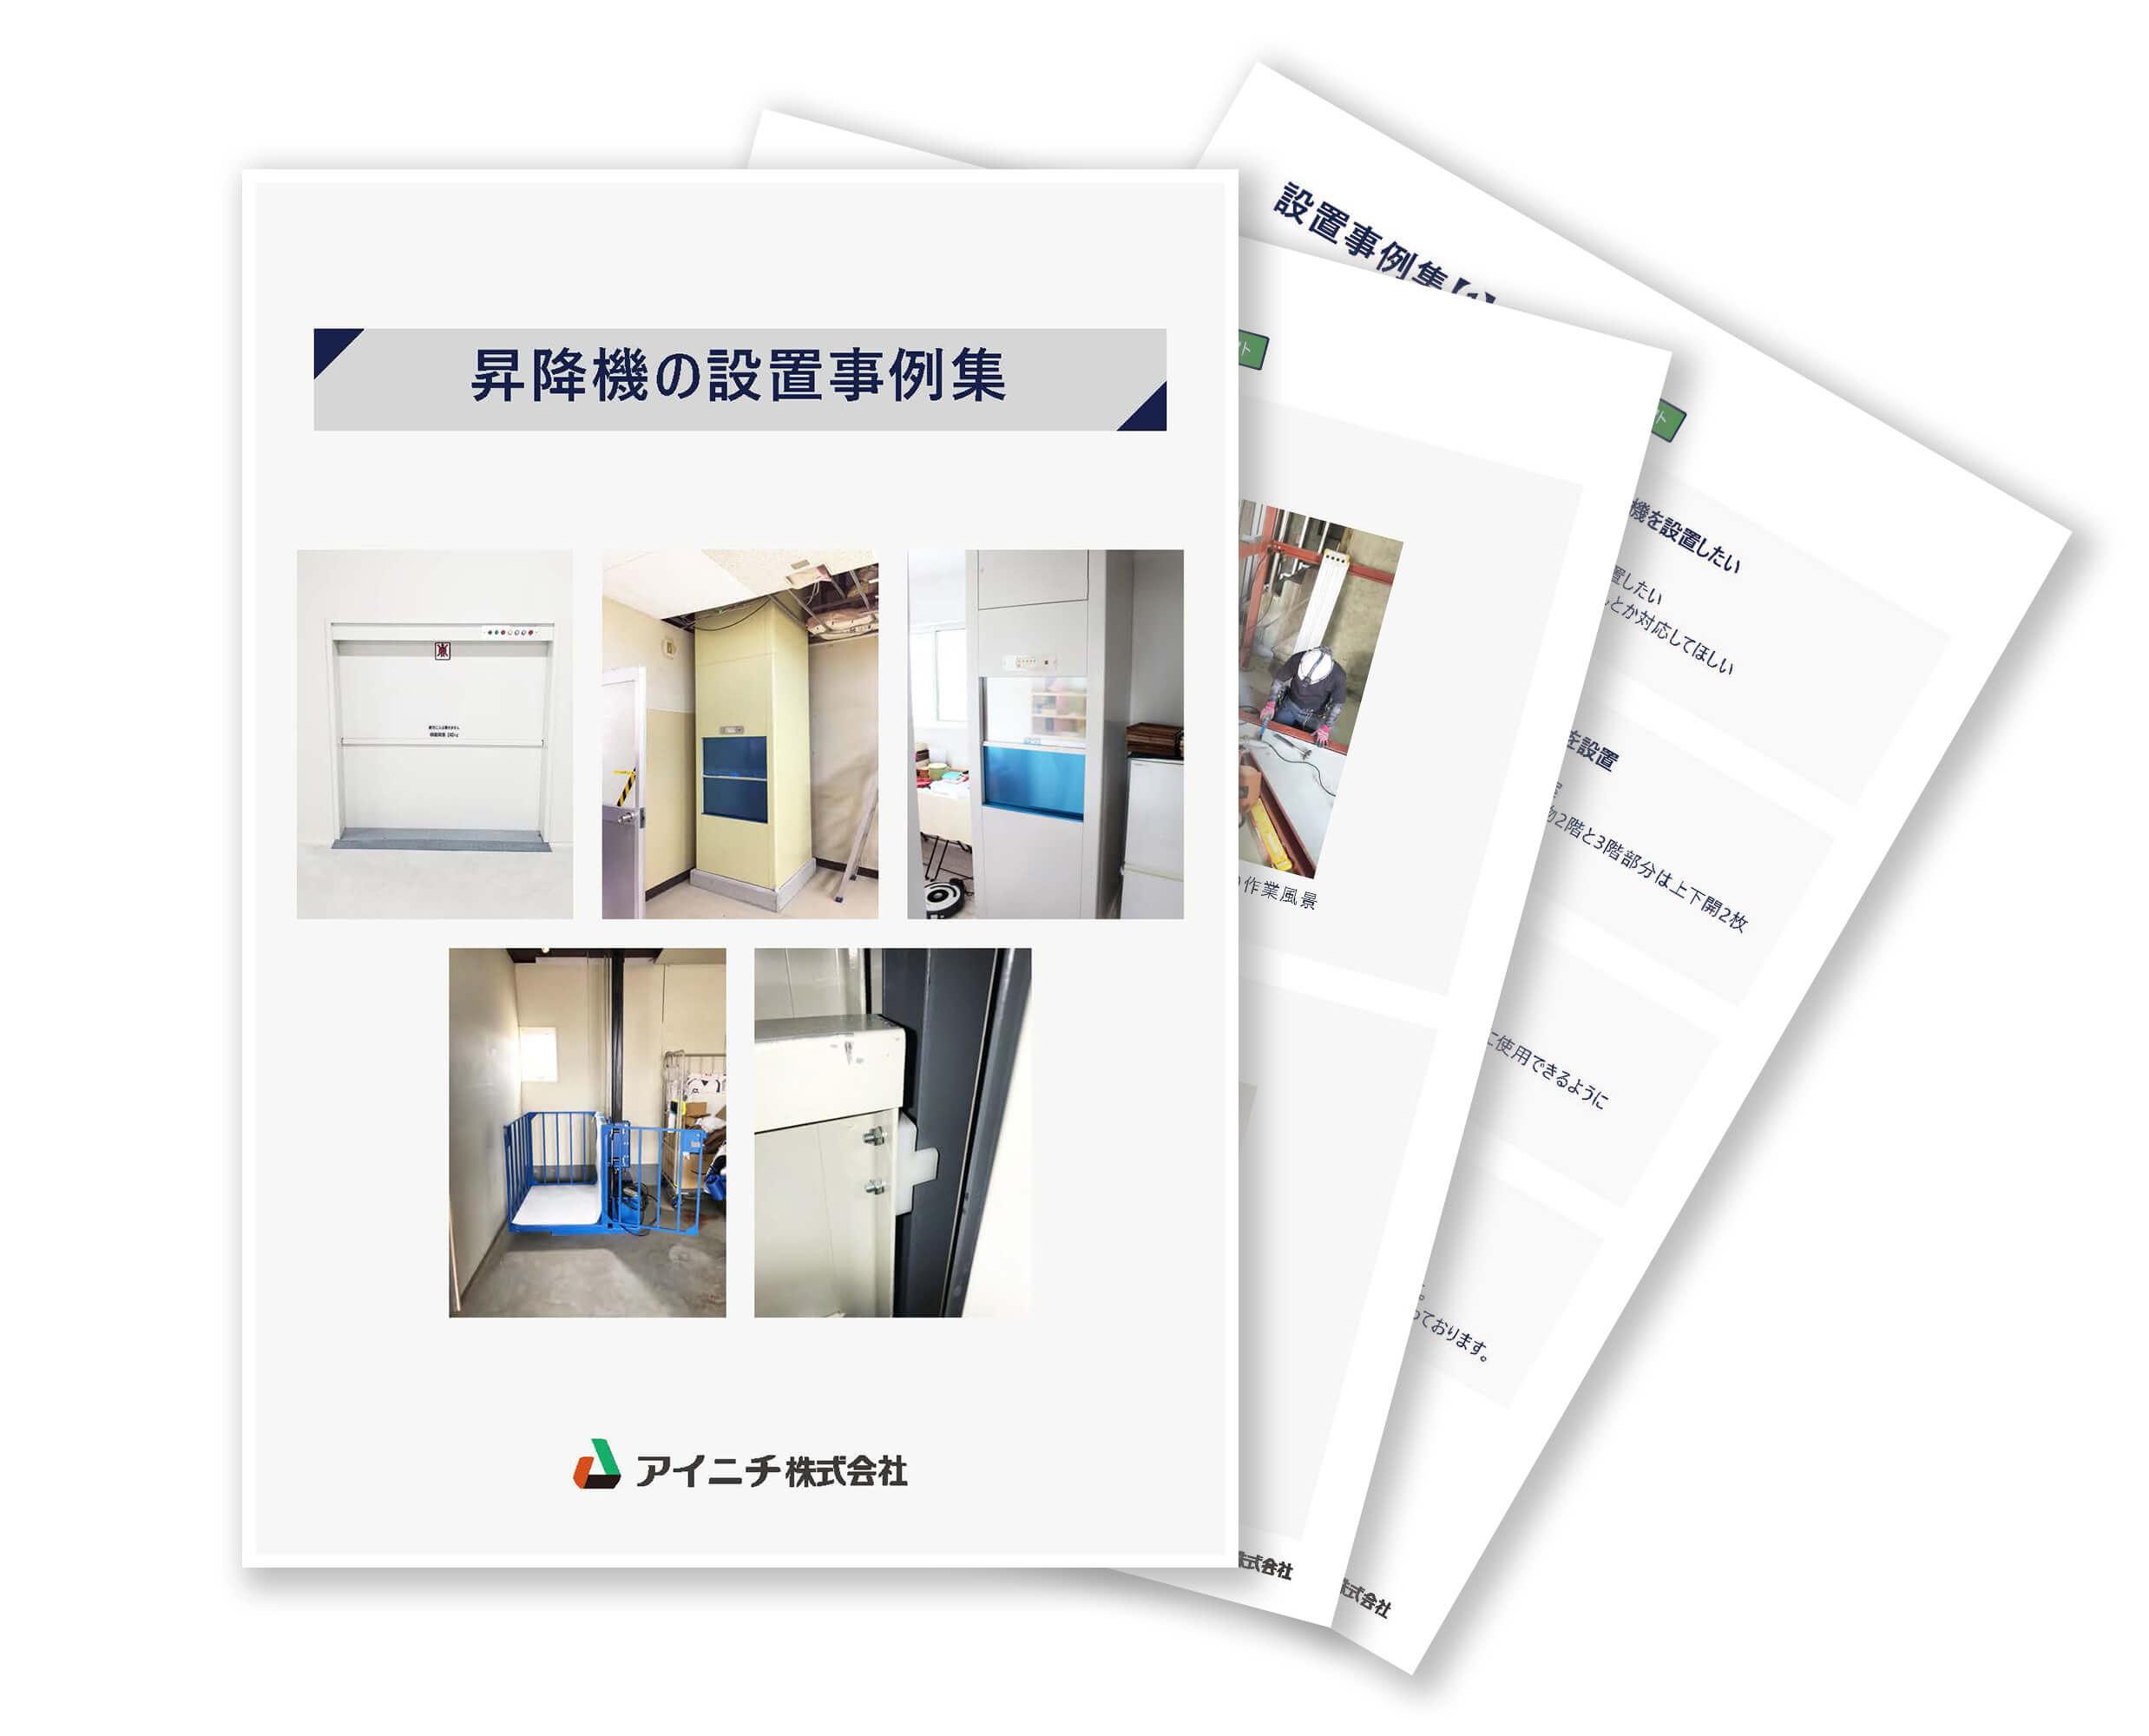 昇降機の設置事例集のイメージ